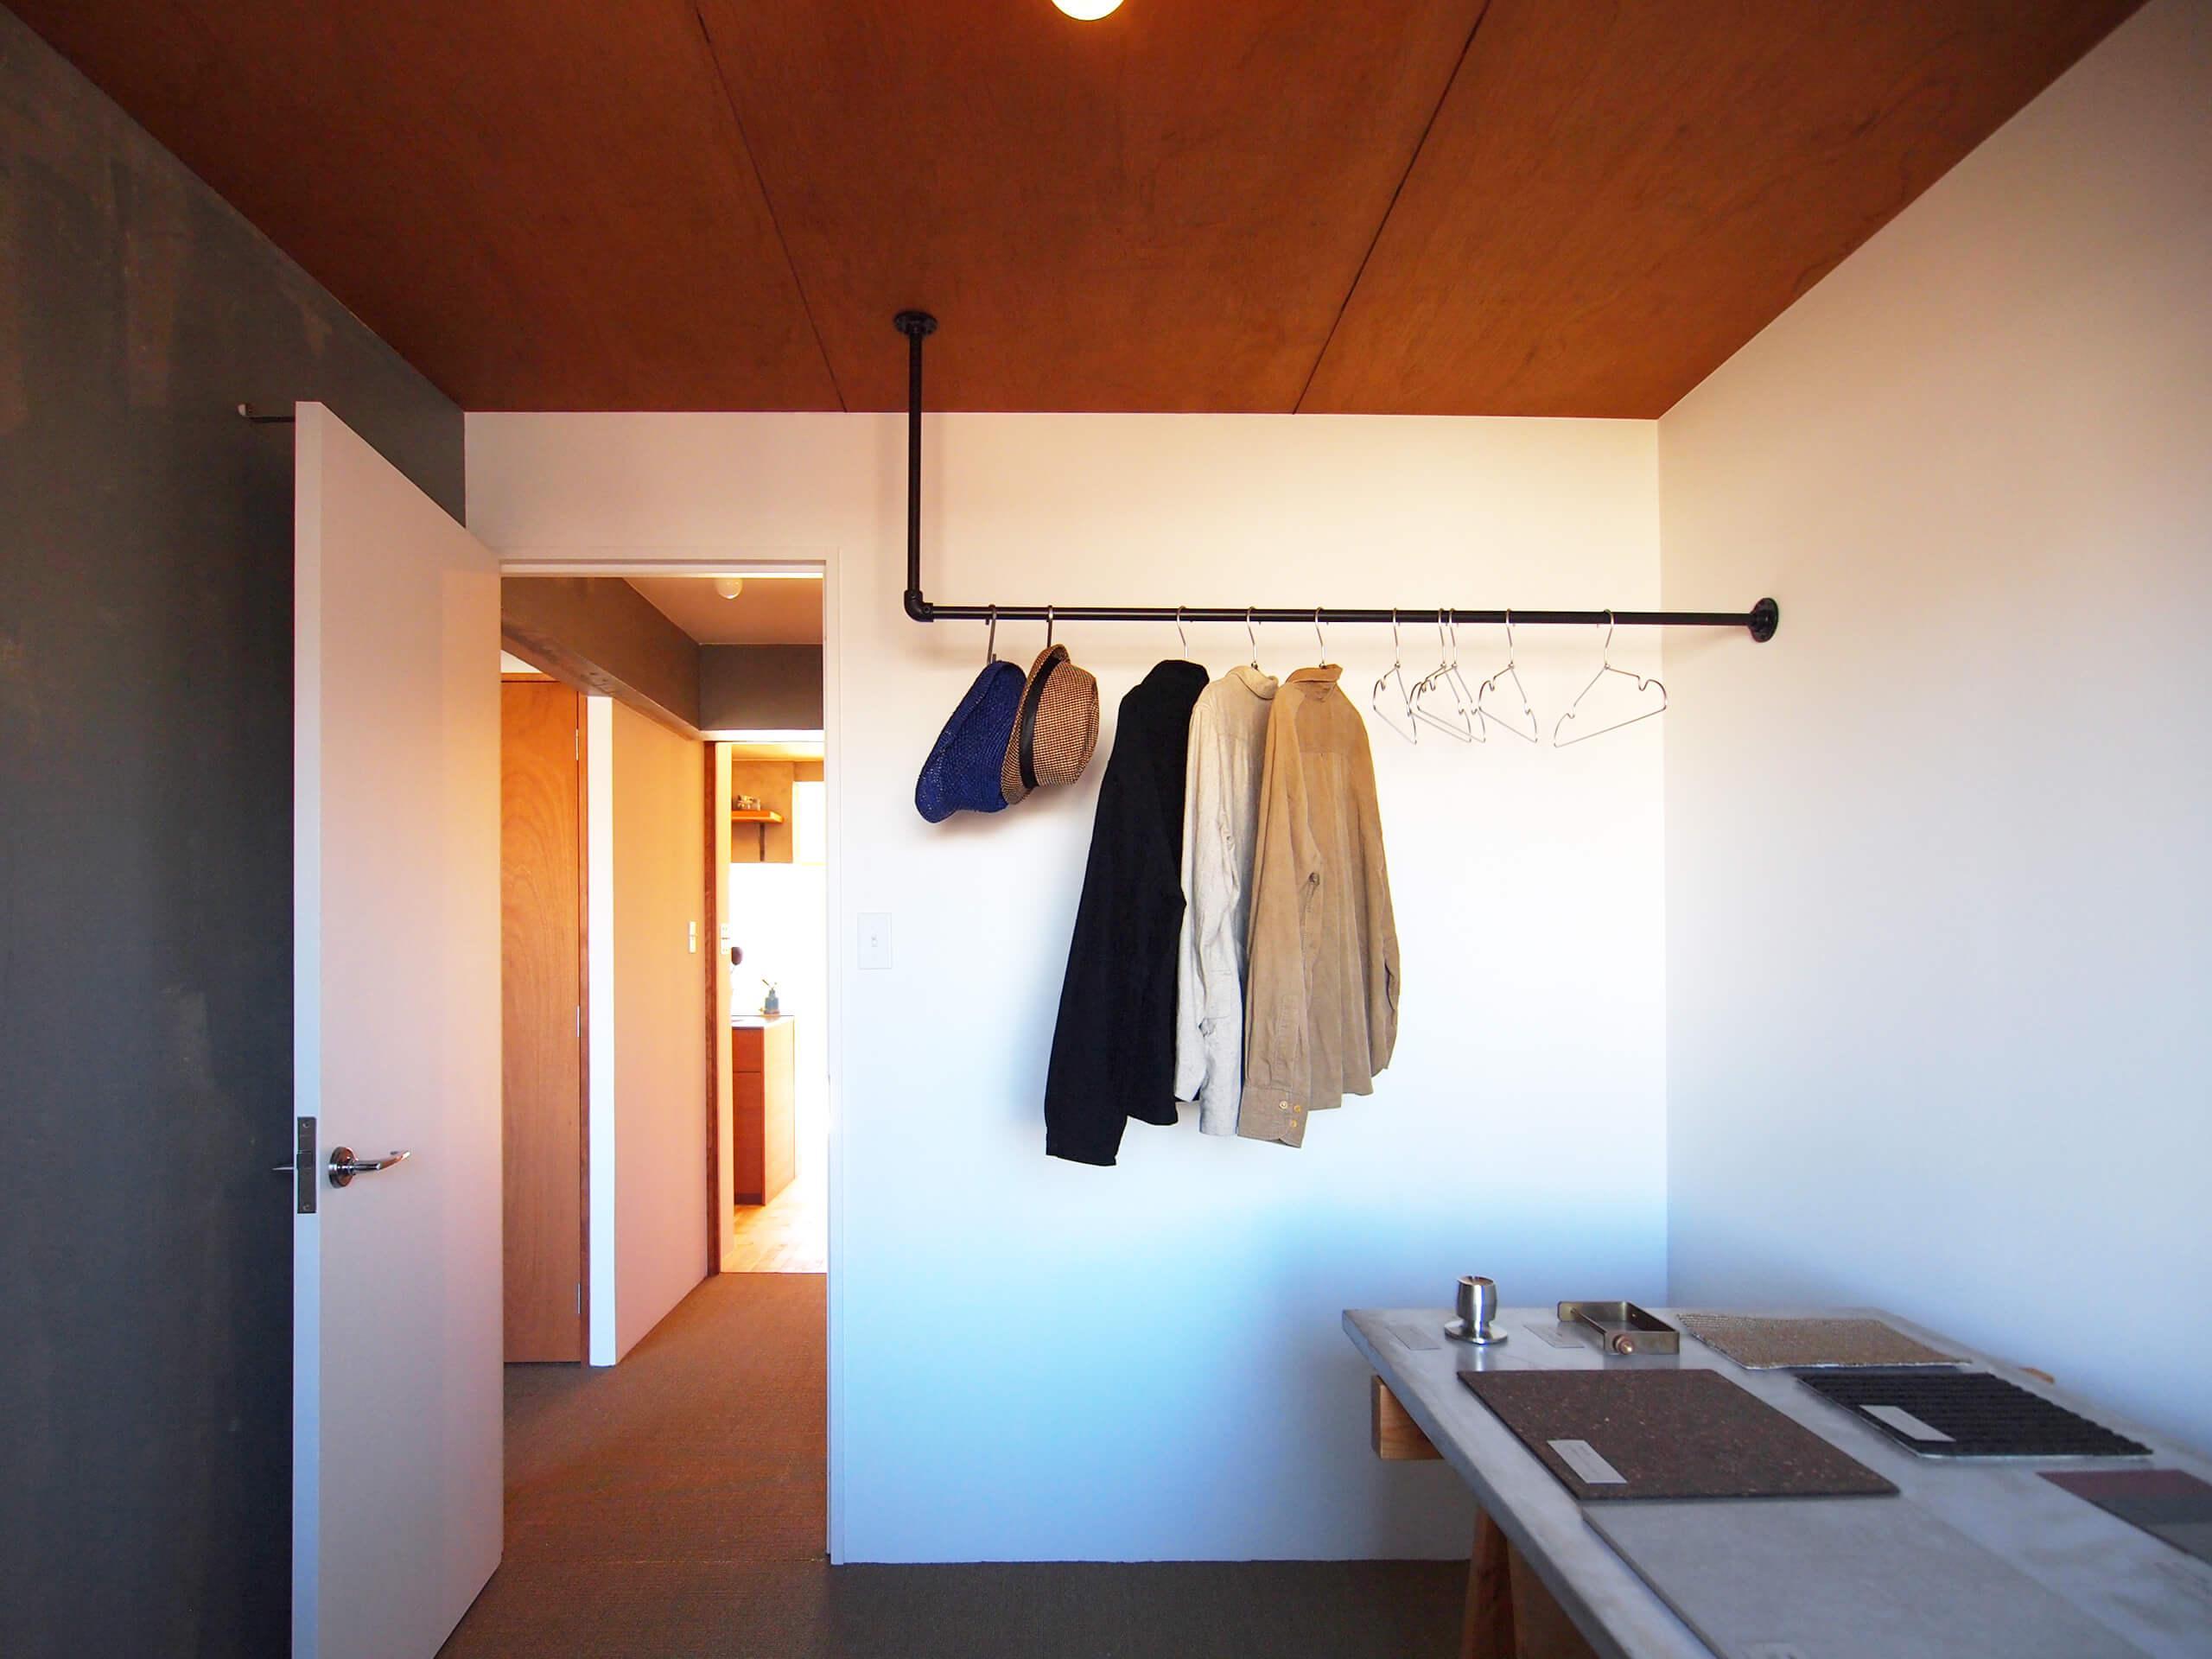 4.5畳の洋室。クローゼット代わりにハンガーパイプを収納として使ってもらえたら